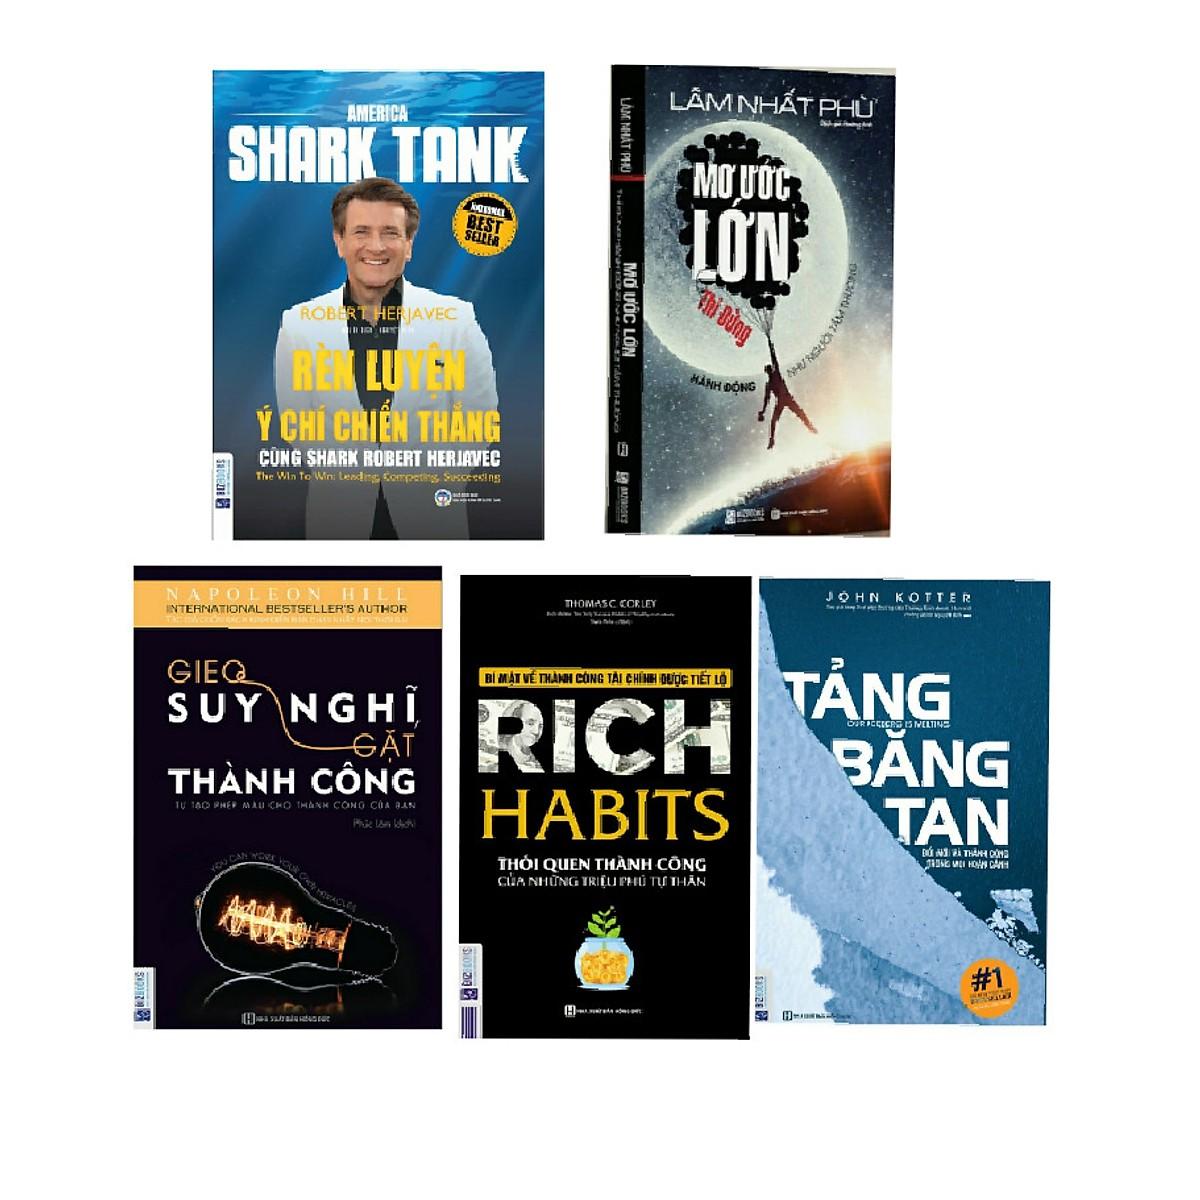 """Combo 5 cuốn sách """" thay đổi thành công trong mọi hoàn cảnh"""" rèn luyện ý chí chiến thắng+mơ ước lớn+ gieo suy nghĩ gặt thành công+rich habits+ tảng băng tan"""